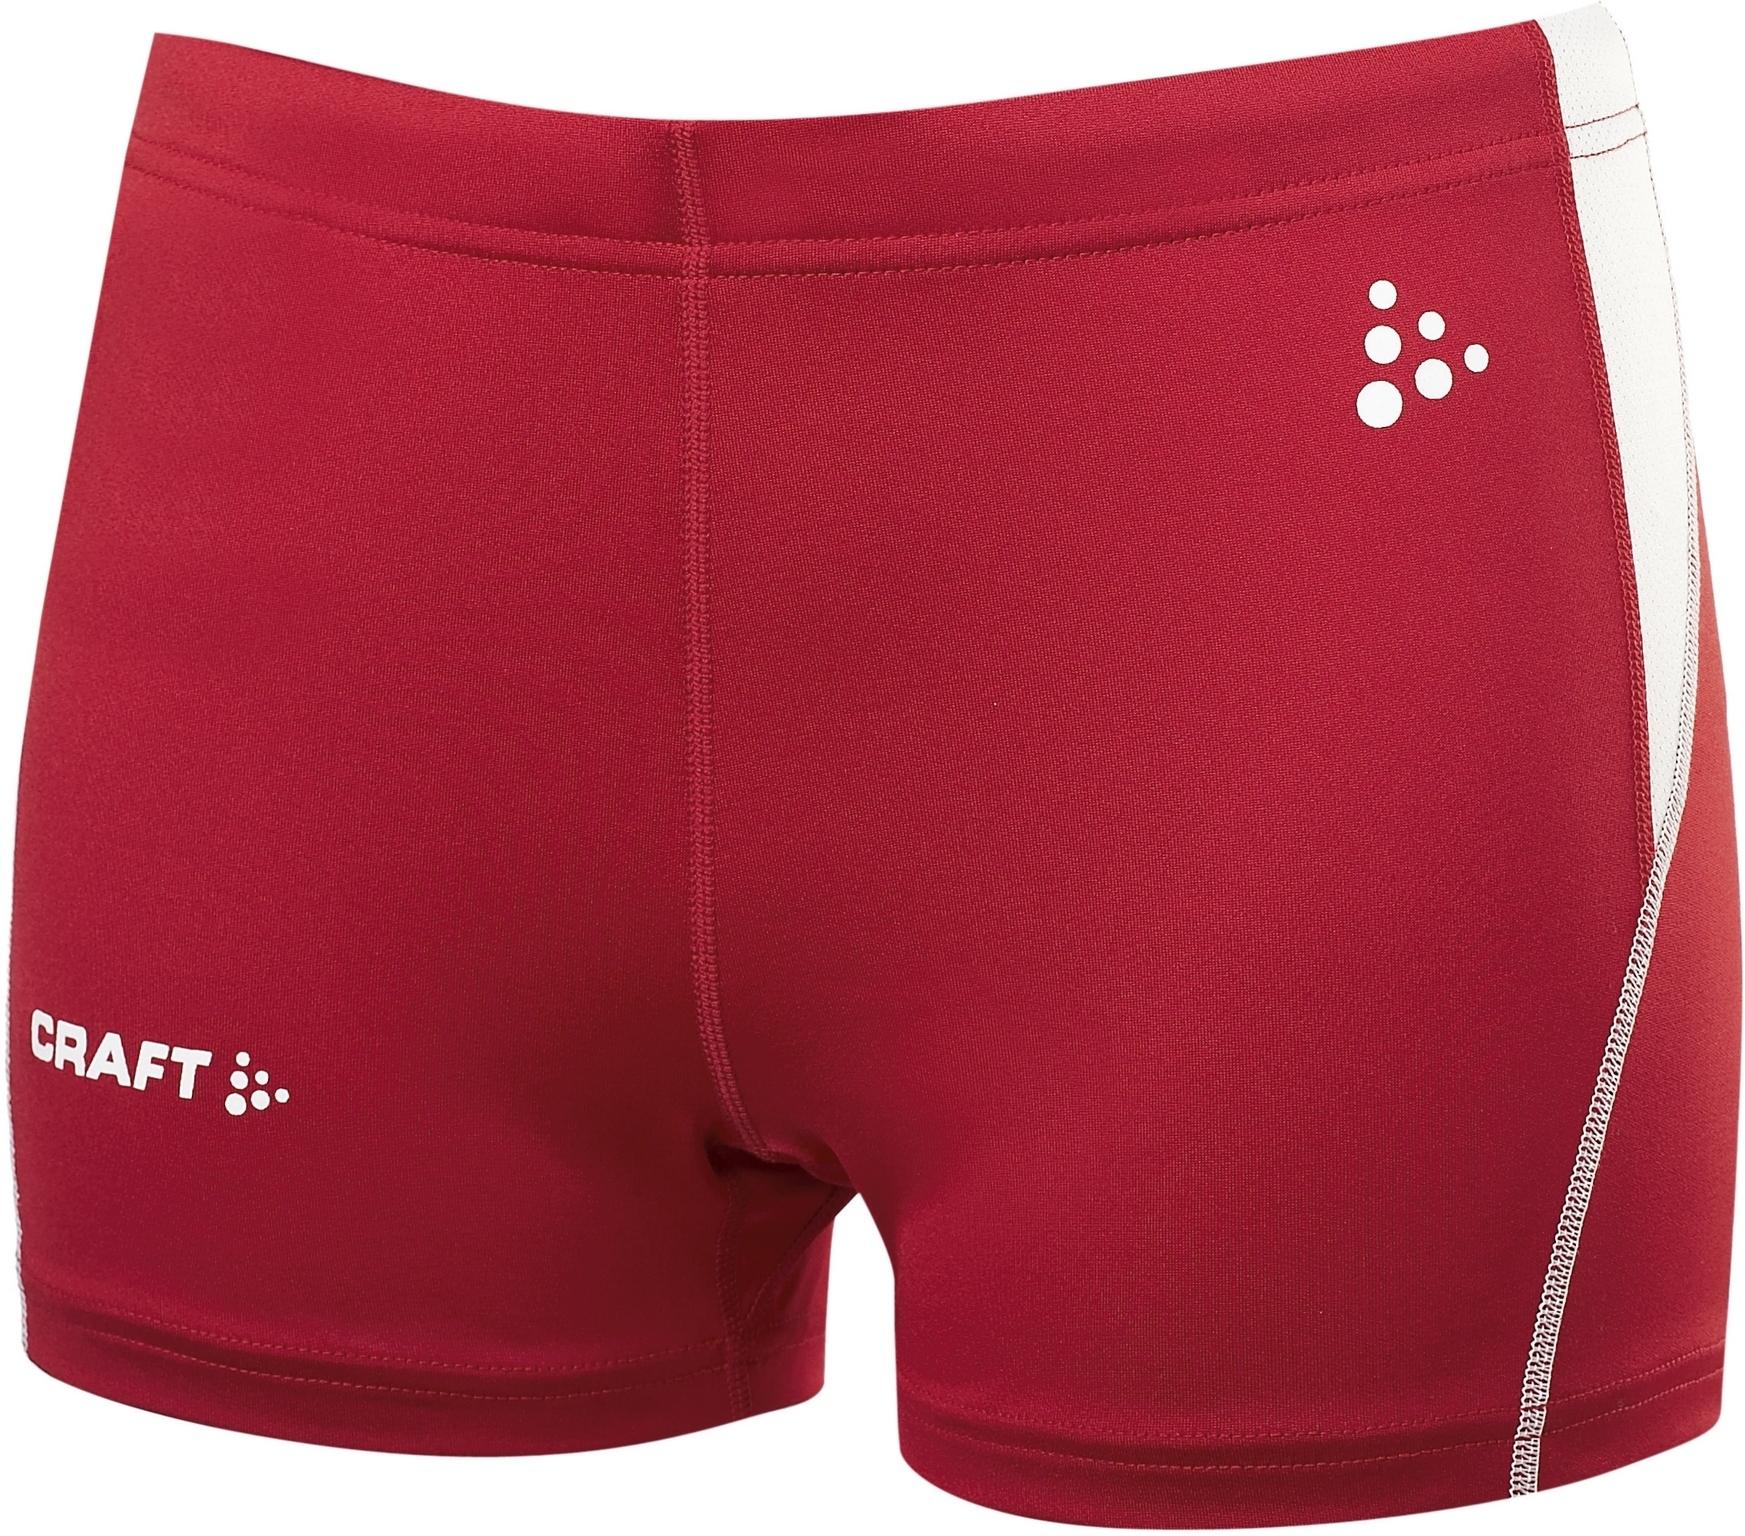 CRAFT TRACK AND FIELD женский шорты красные